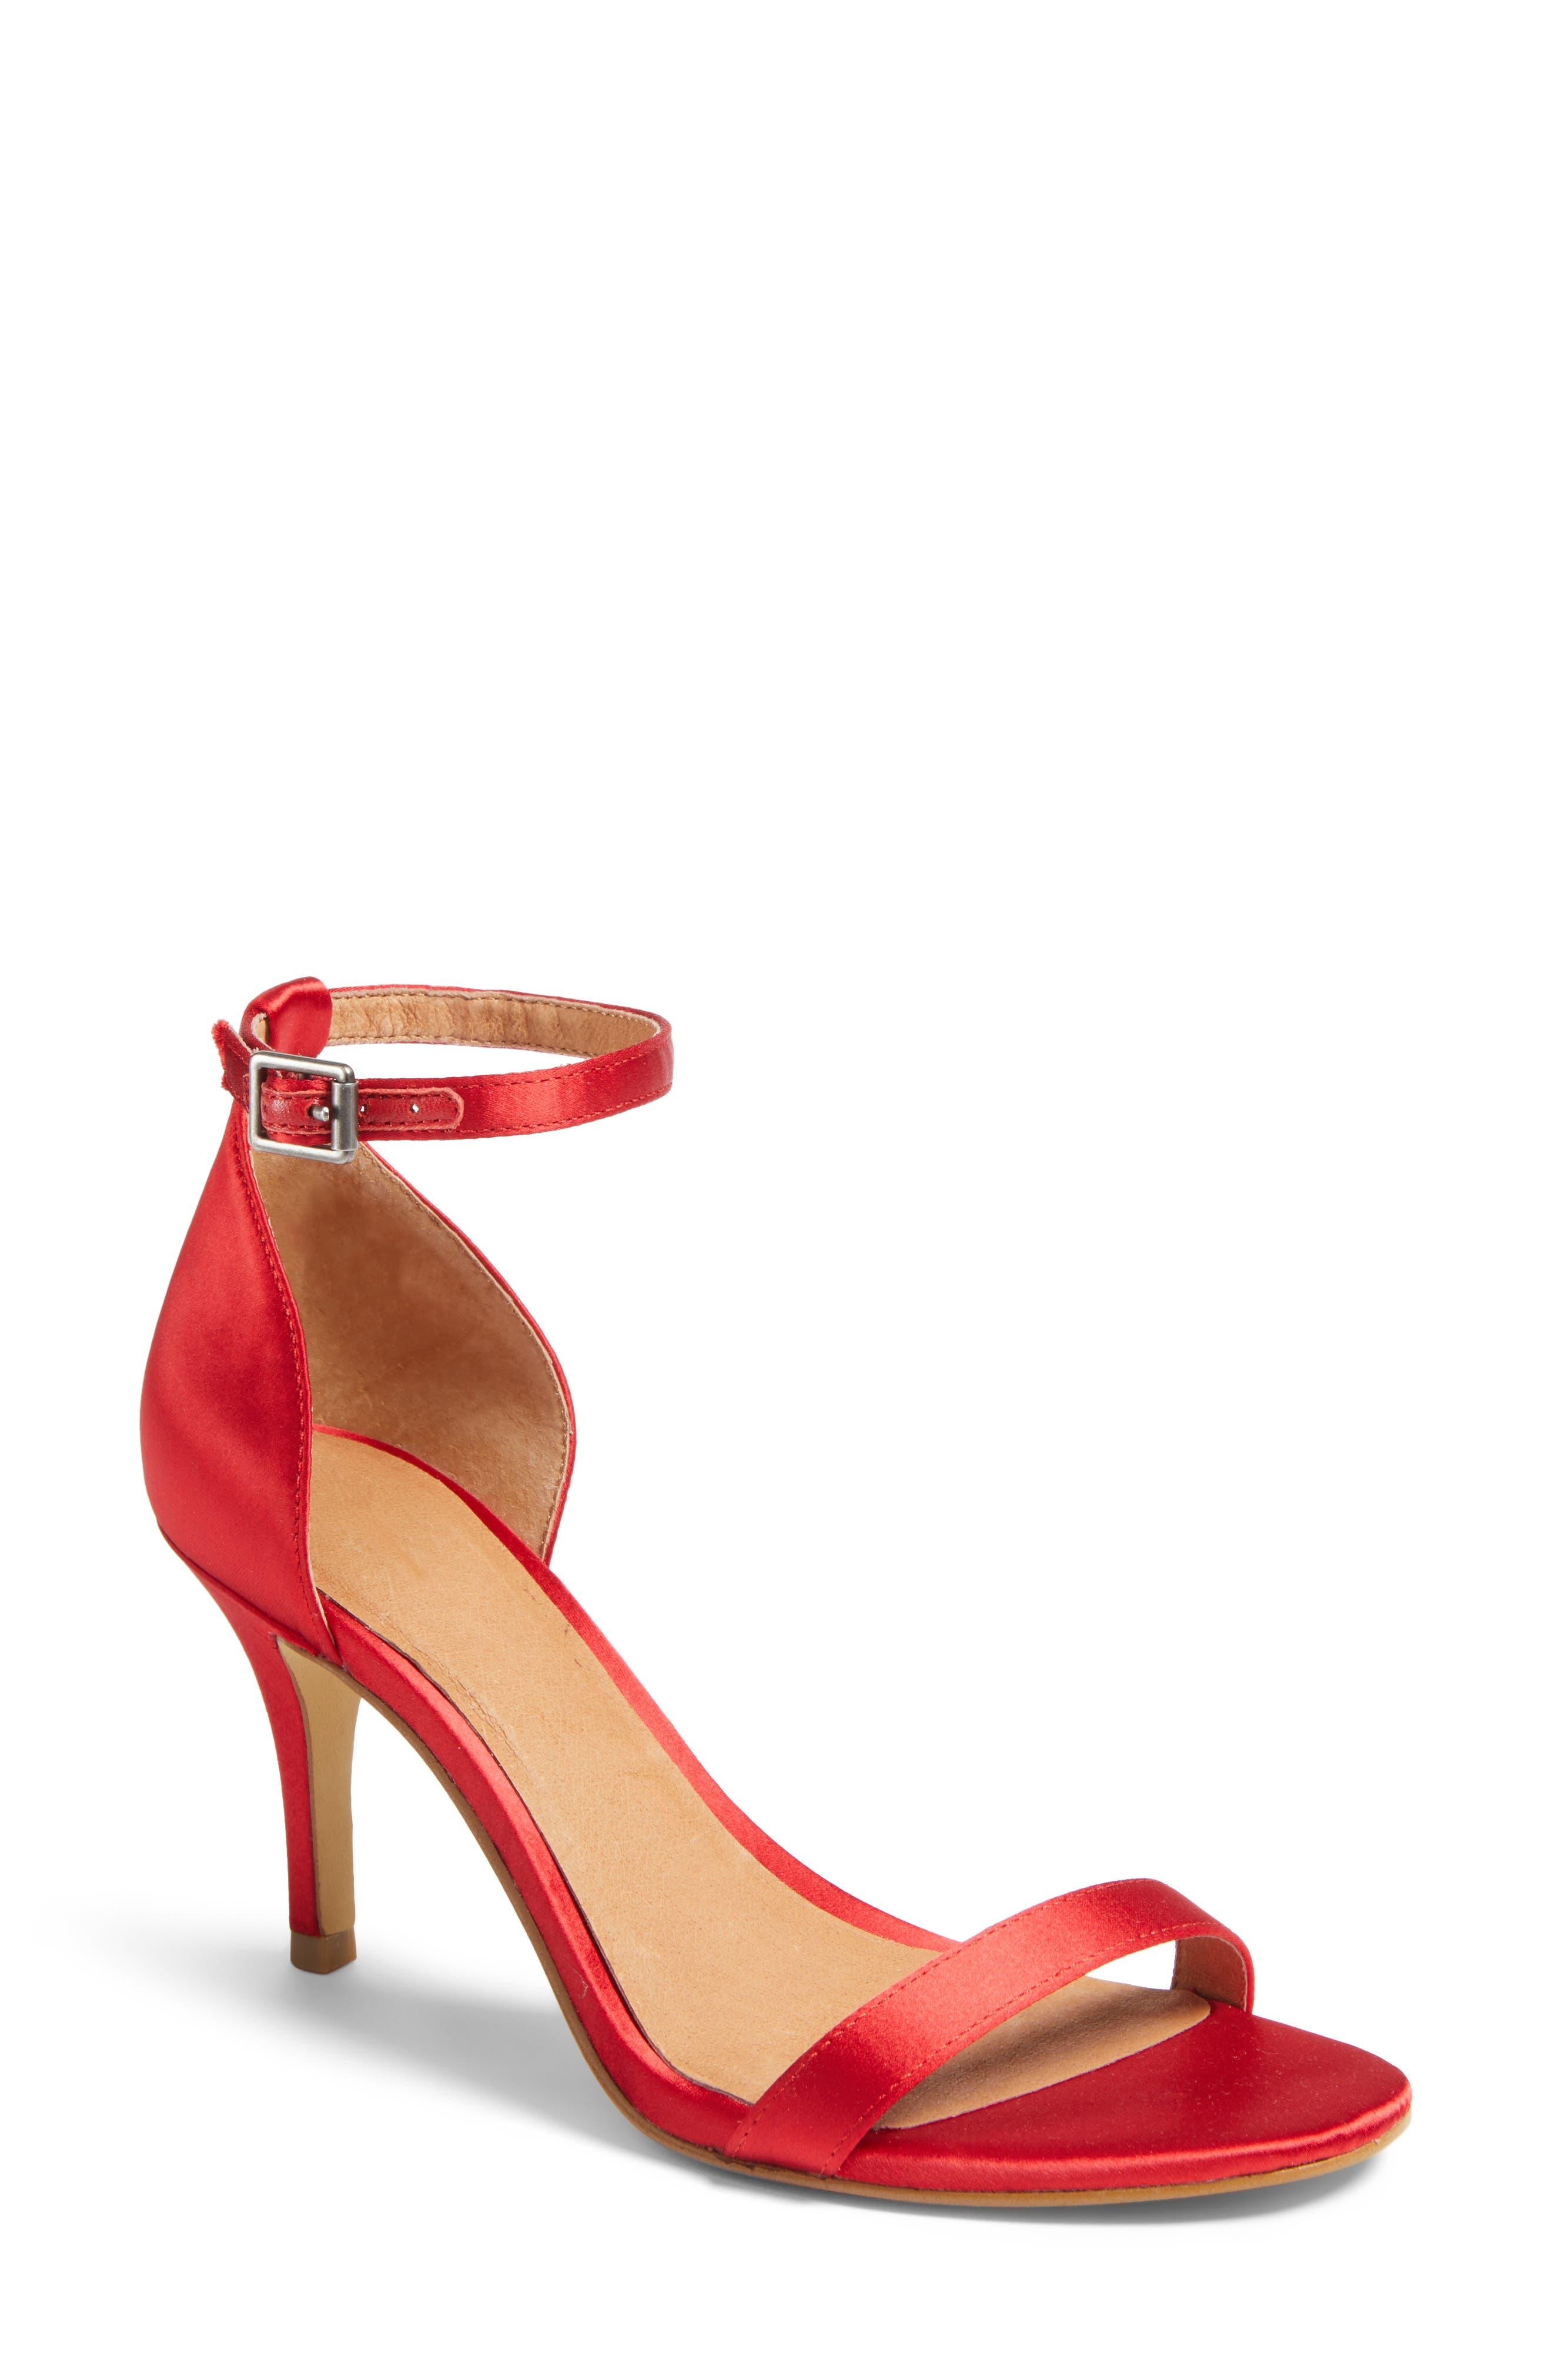 Audrey Ankle Strap Sandal,                             Main thumbnail 14, color,